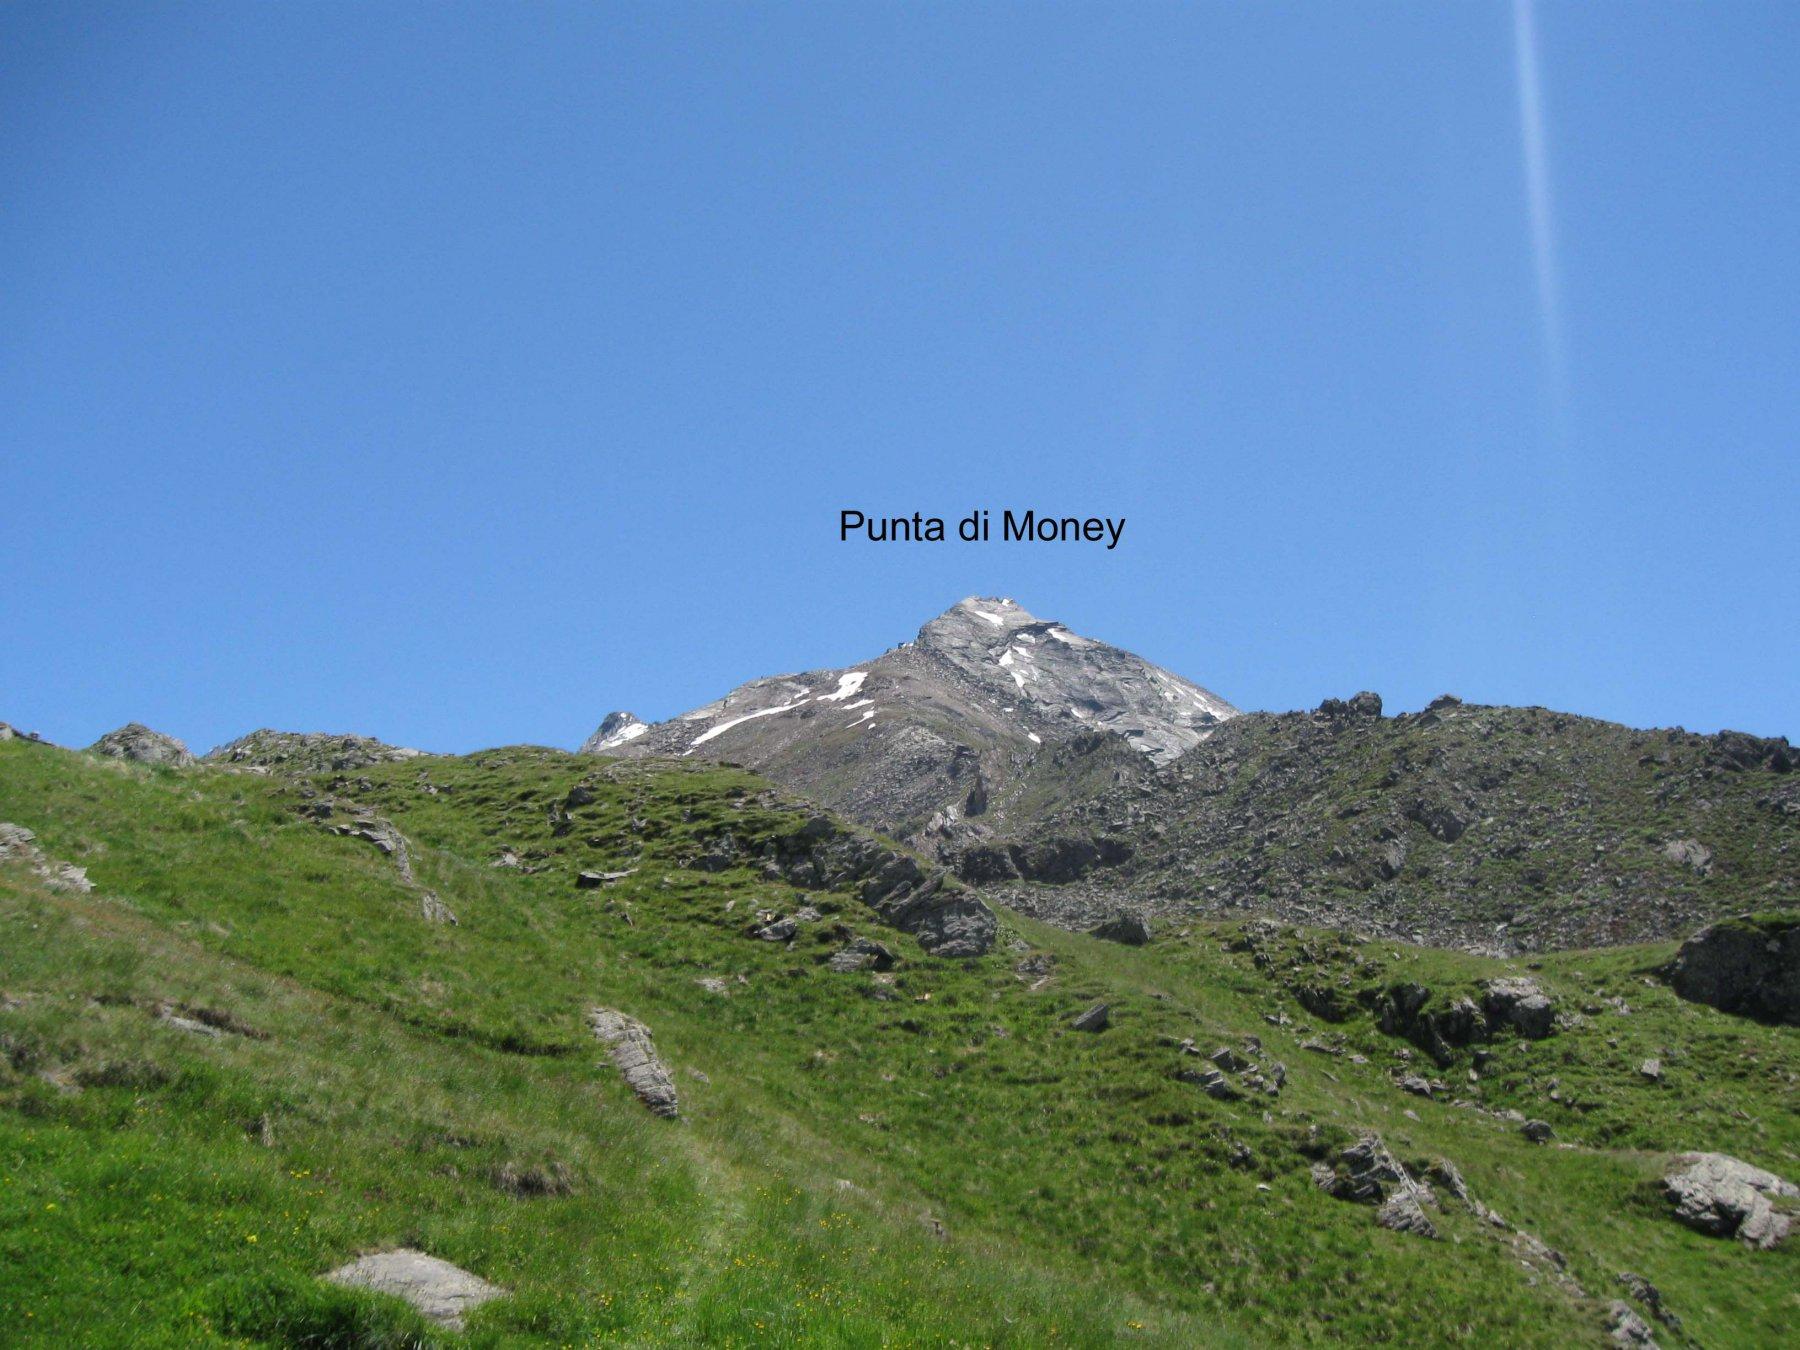 Punta di Money